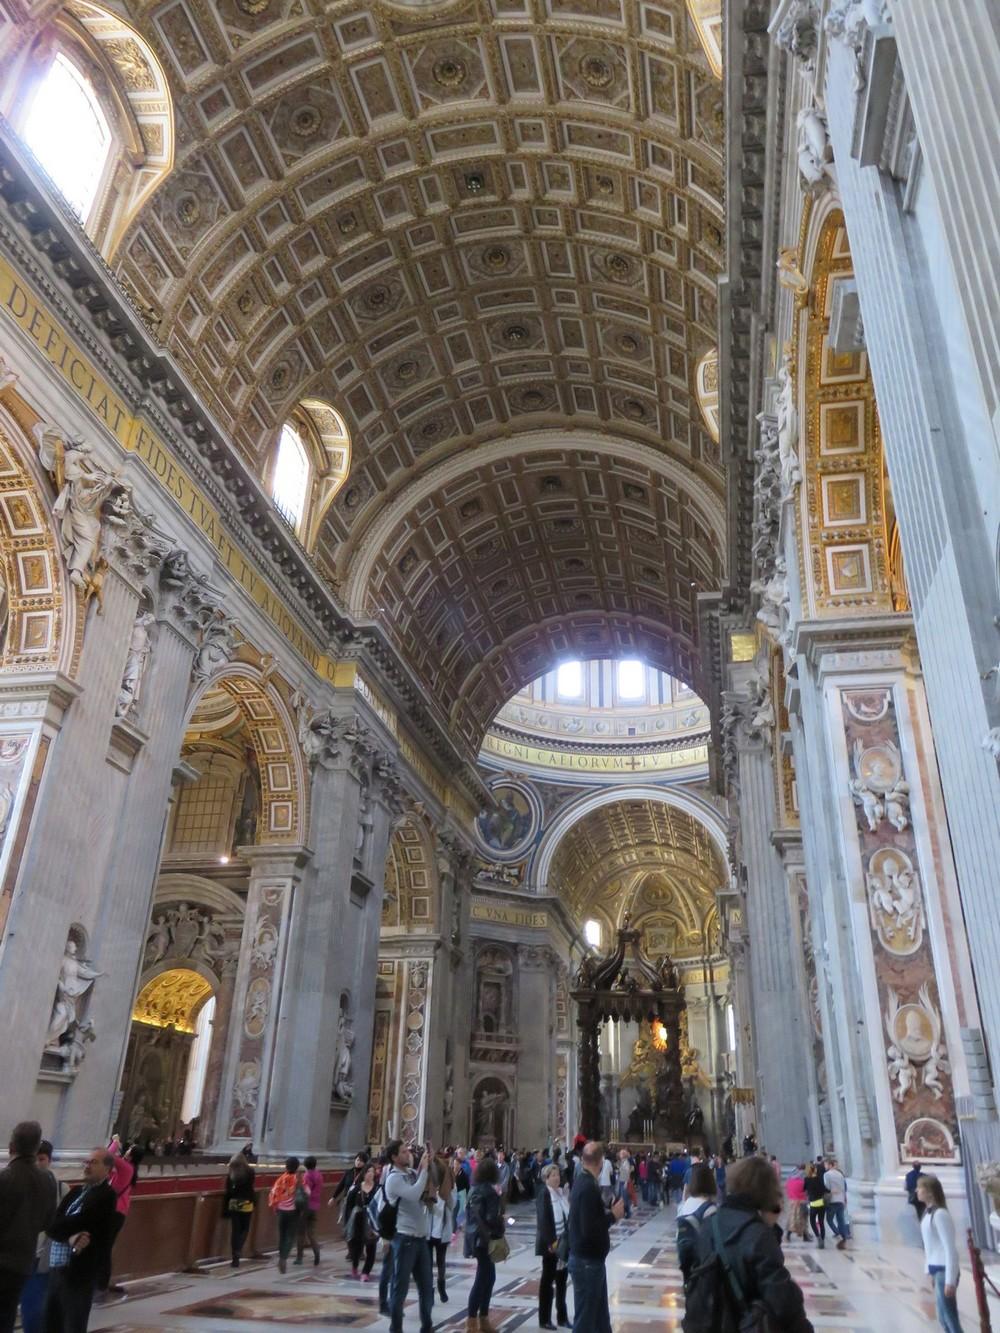 St. Peter's grandeur